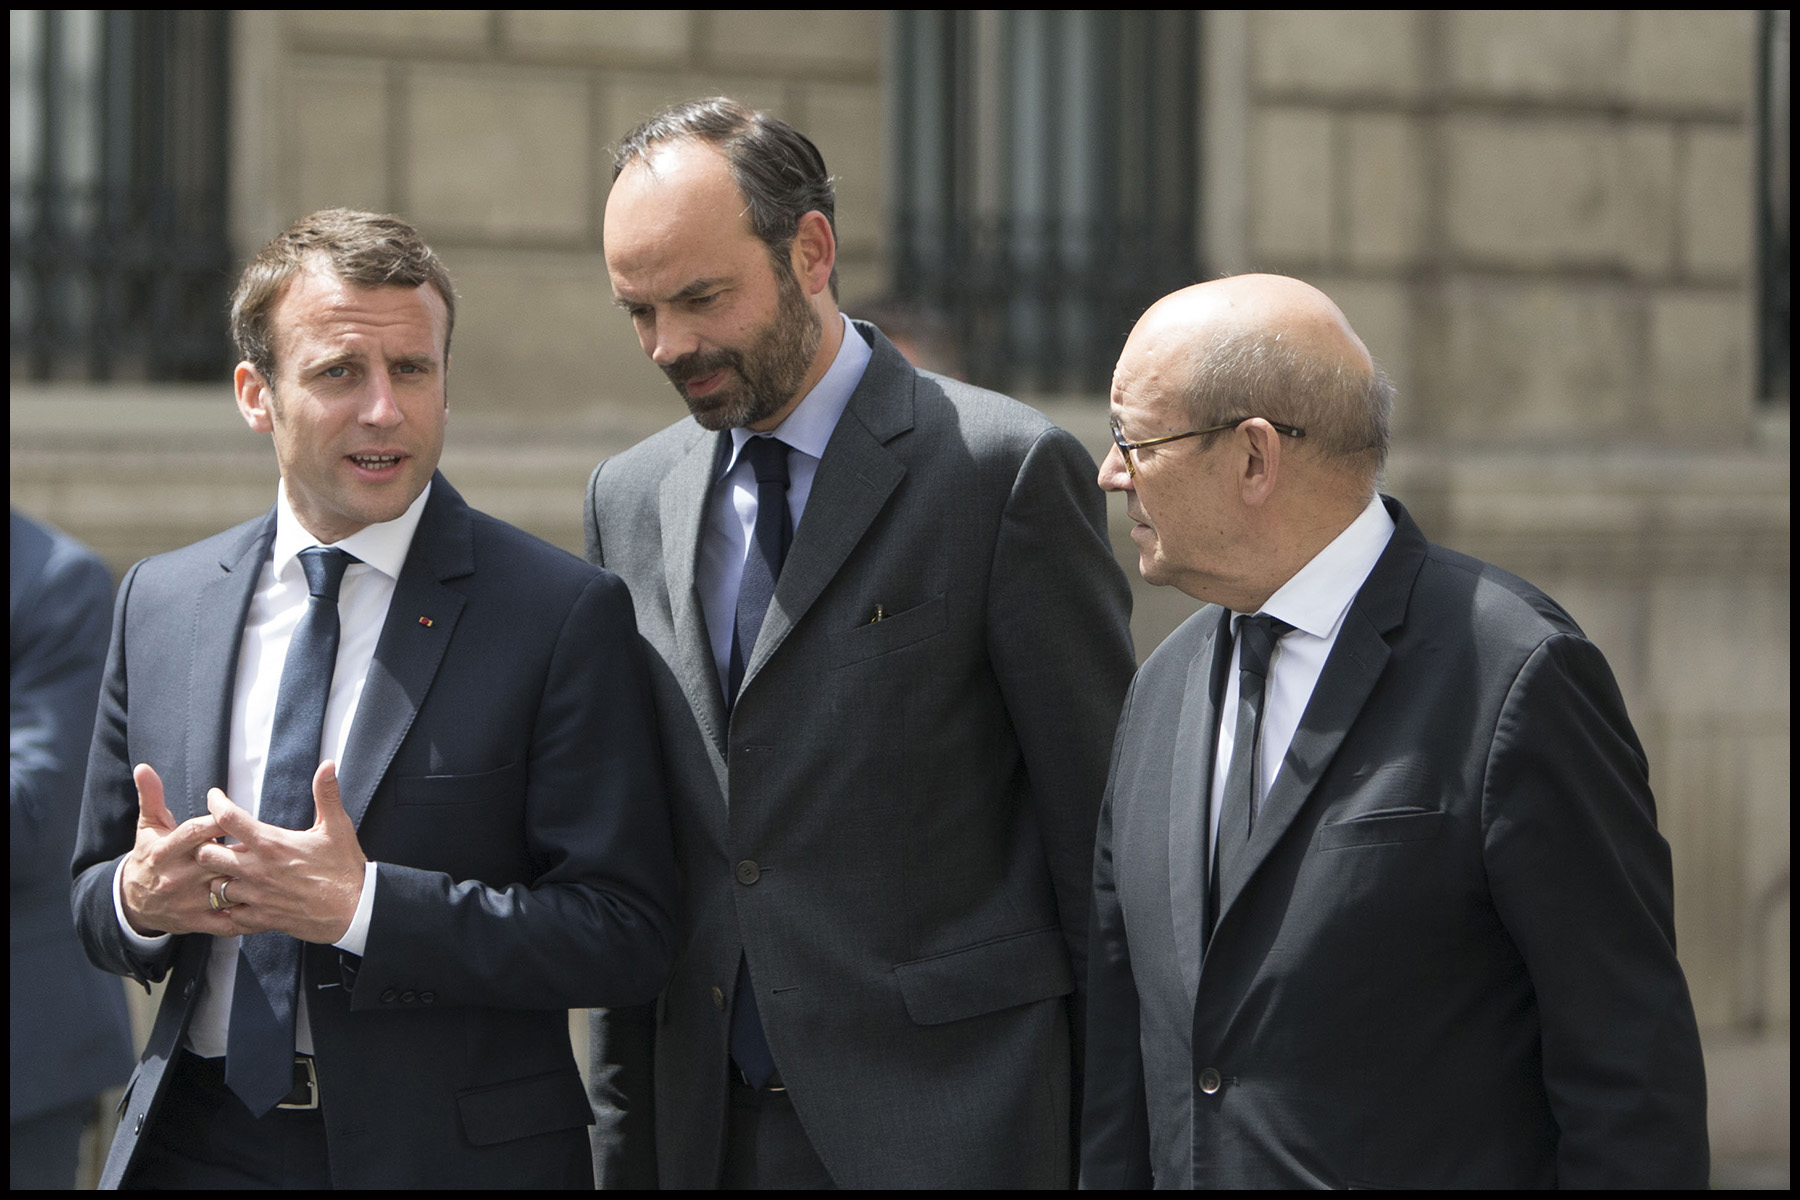 Le président Emmanuel MACRON se rend à l'ambassade de Grande Bretagne pour rendre hommage aux victimes de l'attentat de Londres.